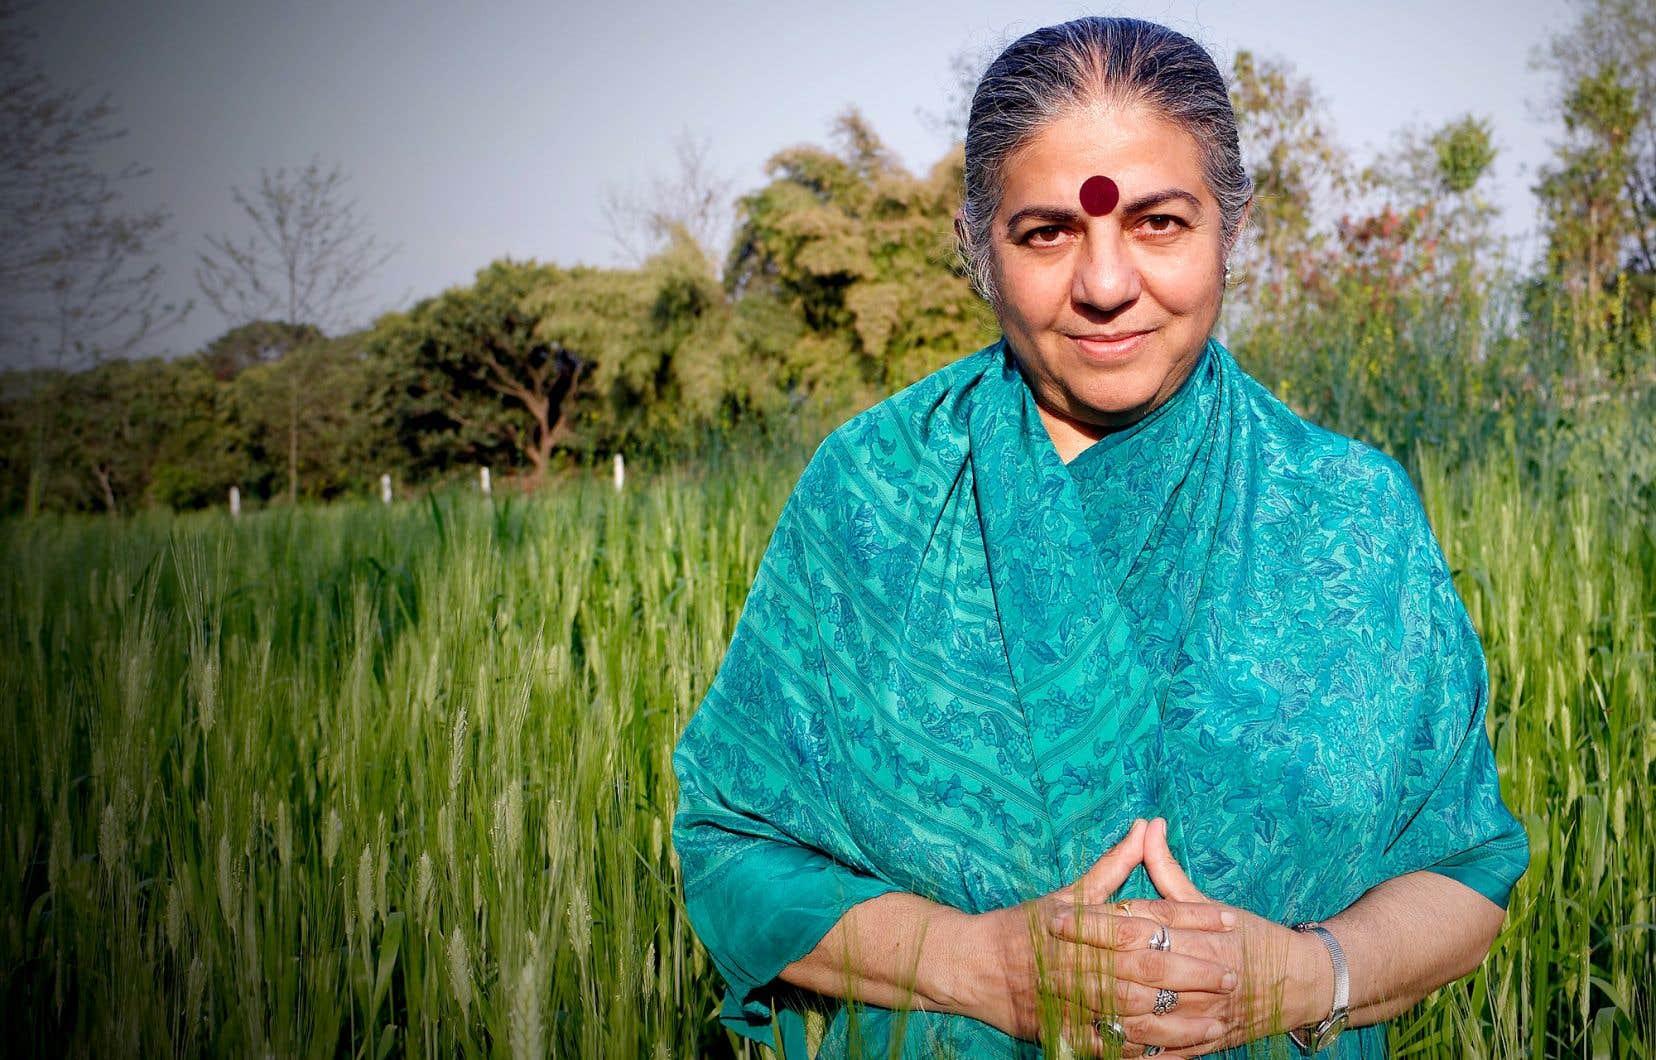 «Je ne suis pas fatiguée de répéter la vérité. Je trouve qu'elle est très rafraîchissante», lance l'écoféministe et scientifique Vandana Shiva.